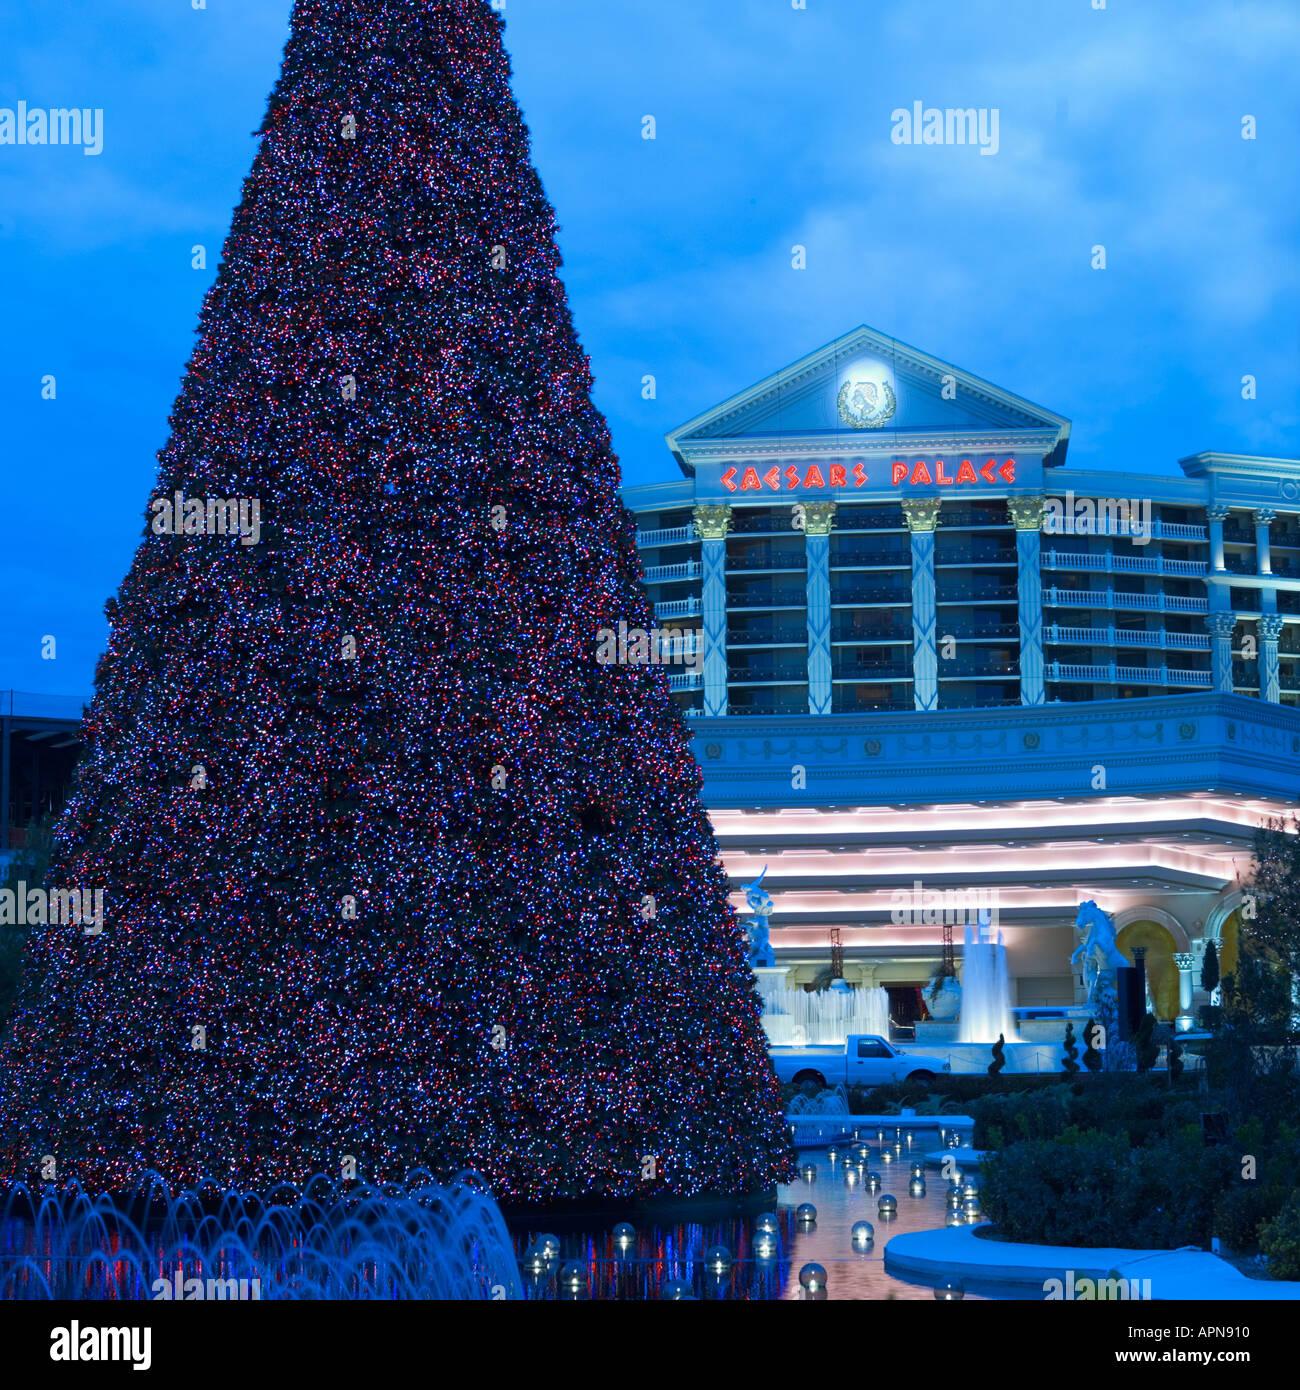 Christmas Tree Las Vegas USA - Stock Image